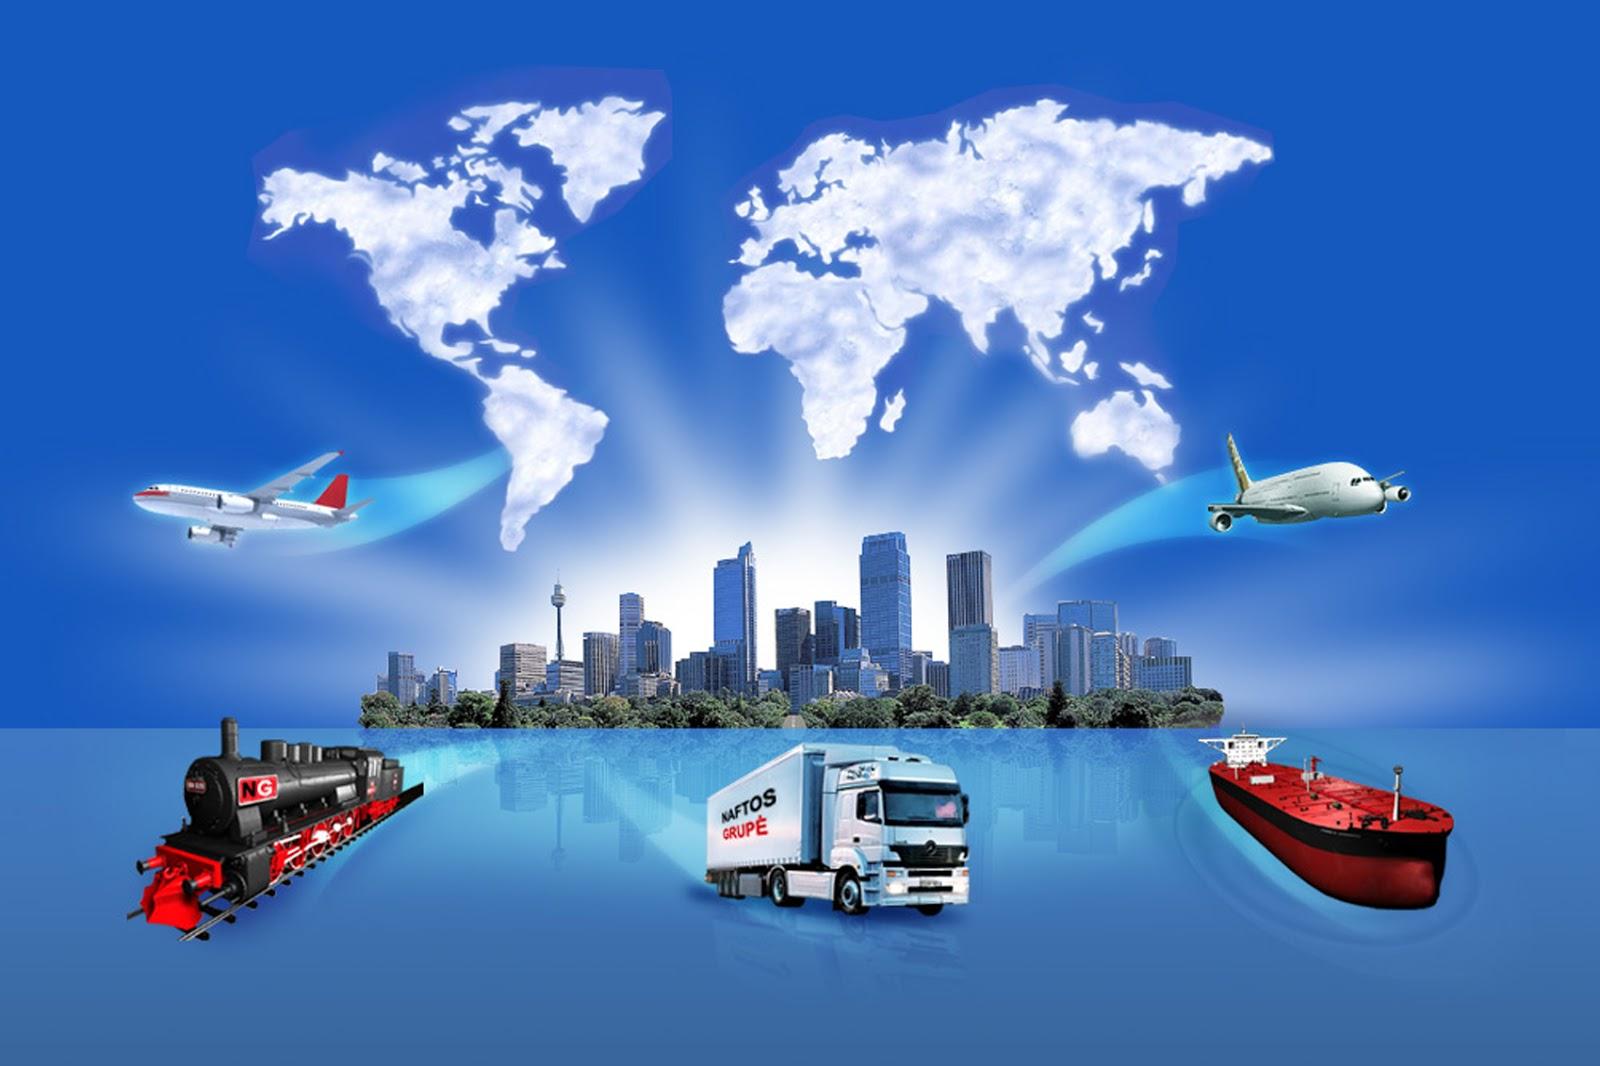 cung cấp nhiều dịch vụ gửi hồ sơ tài liệu đi nước ngoài đảm bảo